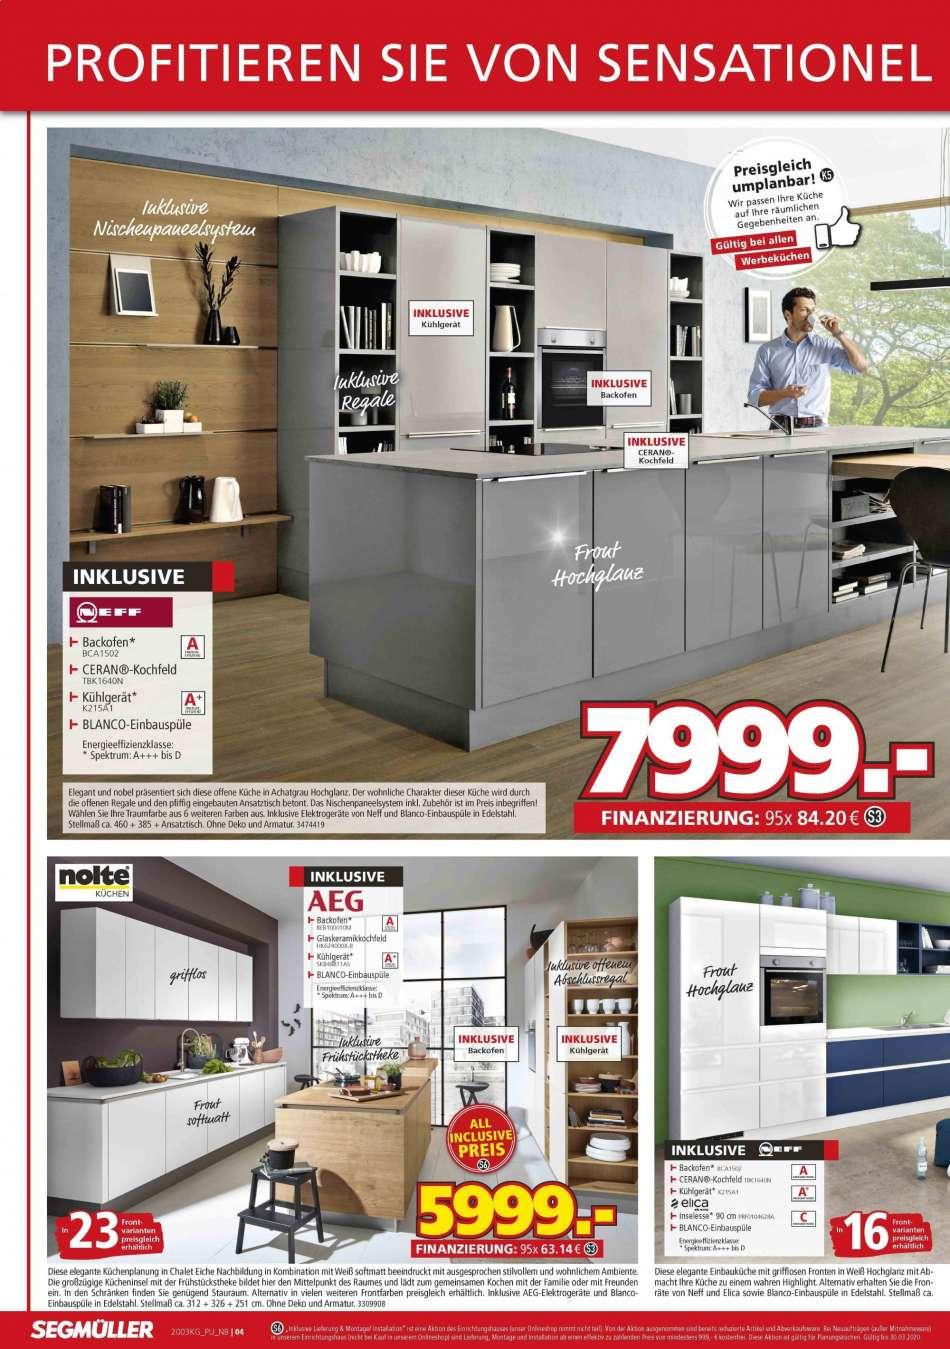 Full Size of Segmller Aktuelles Prospekt 1632020 2232020 Rabatt Kompass Küchen Regal Segmüller Küche Wohnzimmer Segmüller Küchen